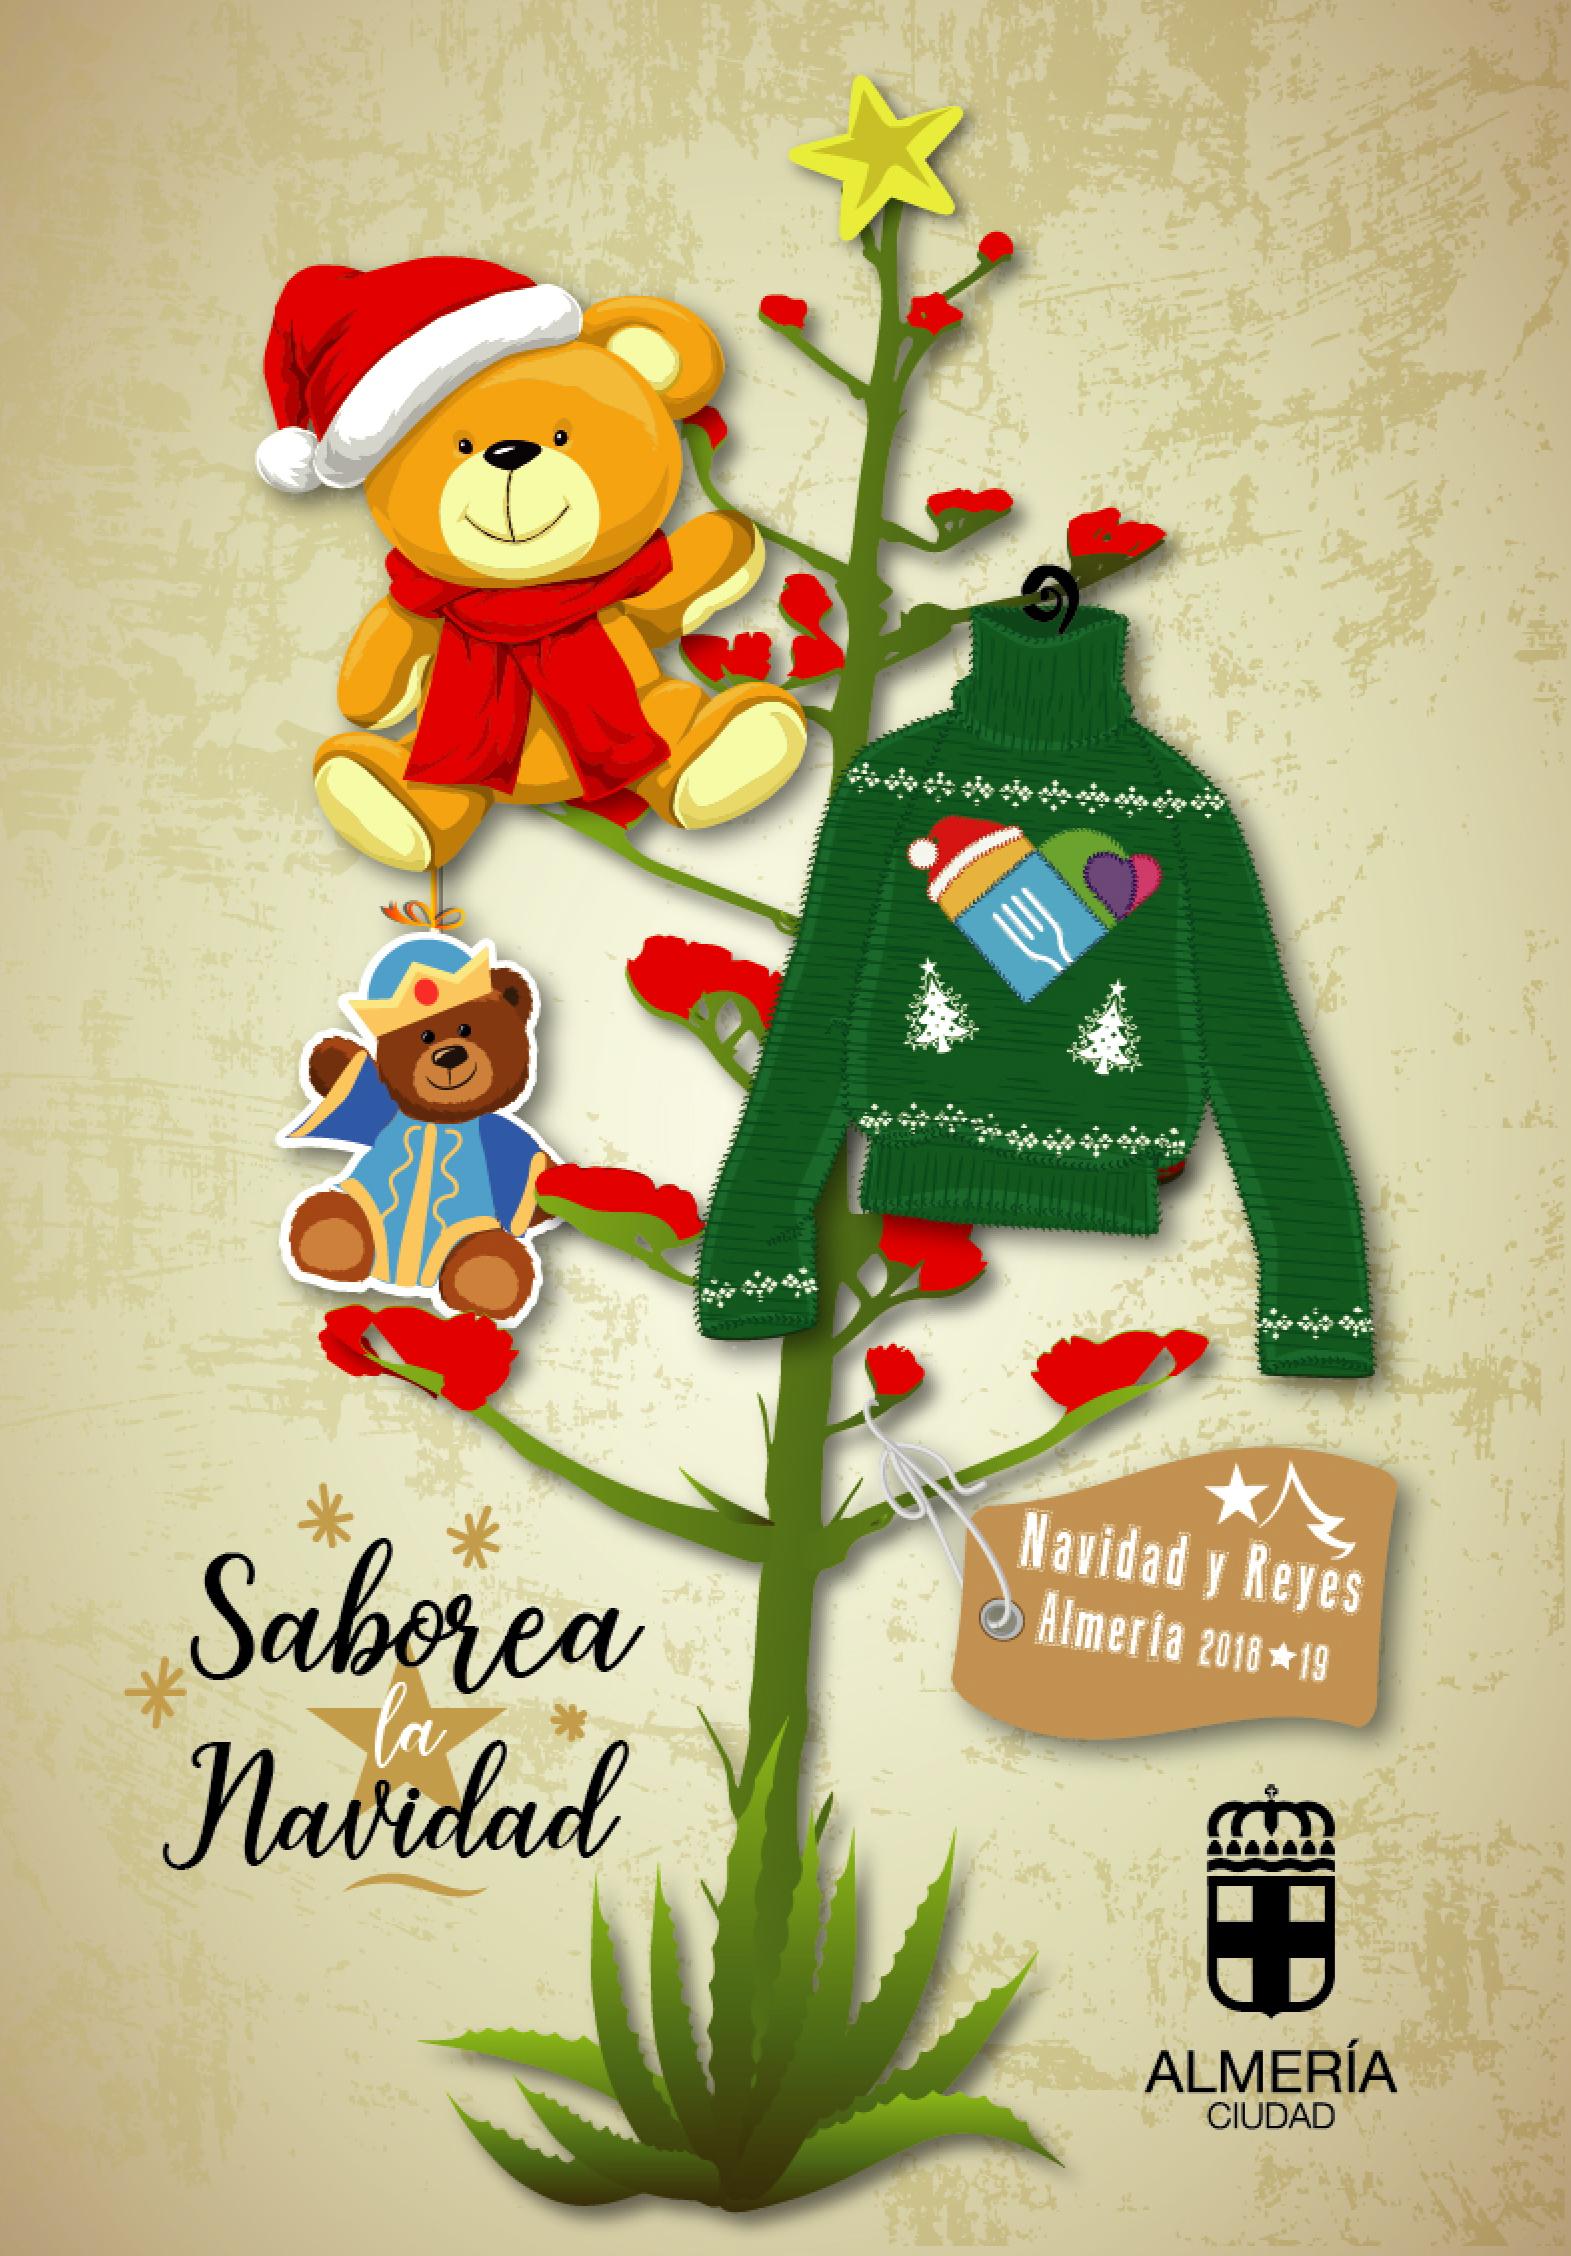 Imagenes De Navidad 2019.Navidad Y Reyes 2018 2019 Area De Cultura Y Educacion